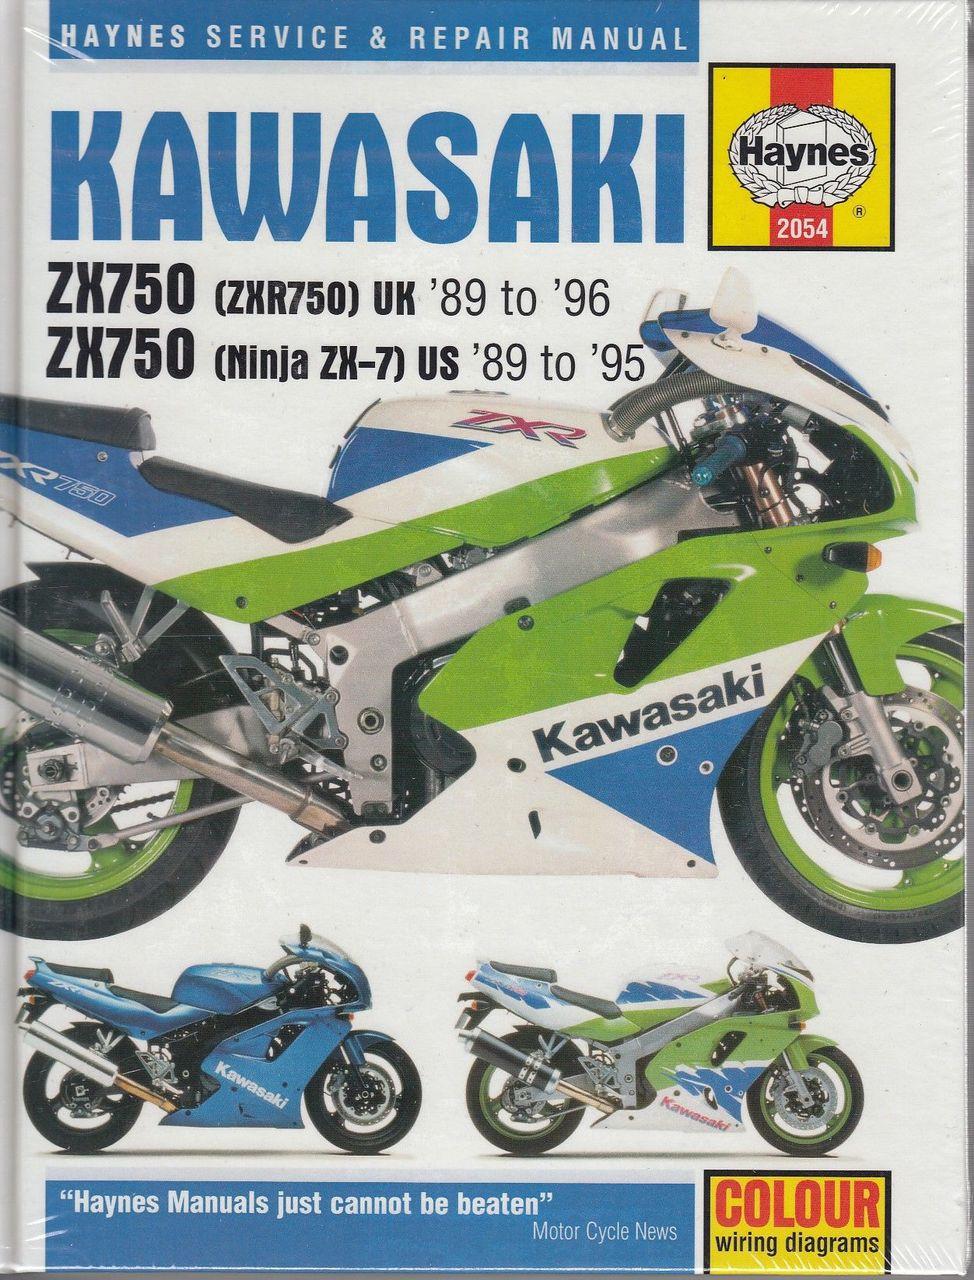 kawasaki zx750 ninja zx 7 amp zxr750 fours 1989 1996 workshop manual [ 974 x 1280 Pixel ]